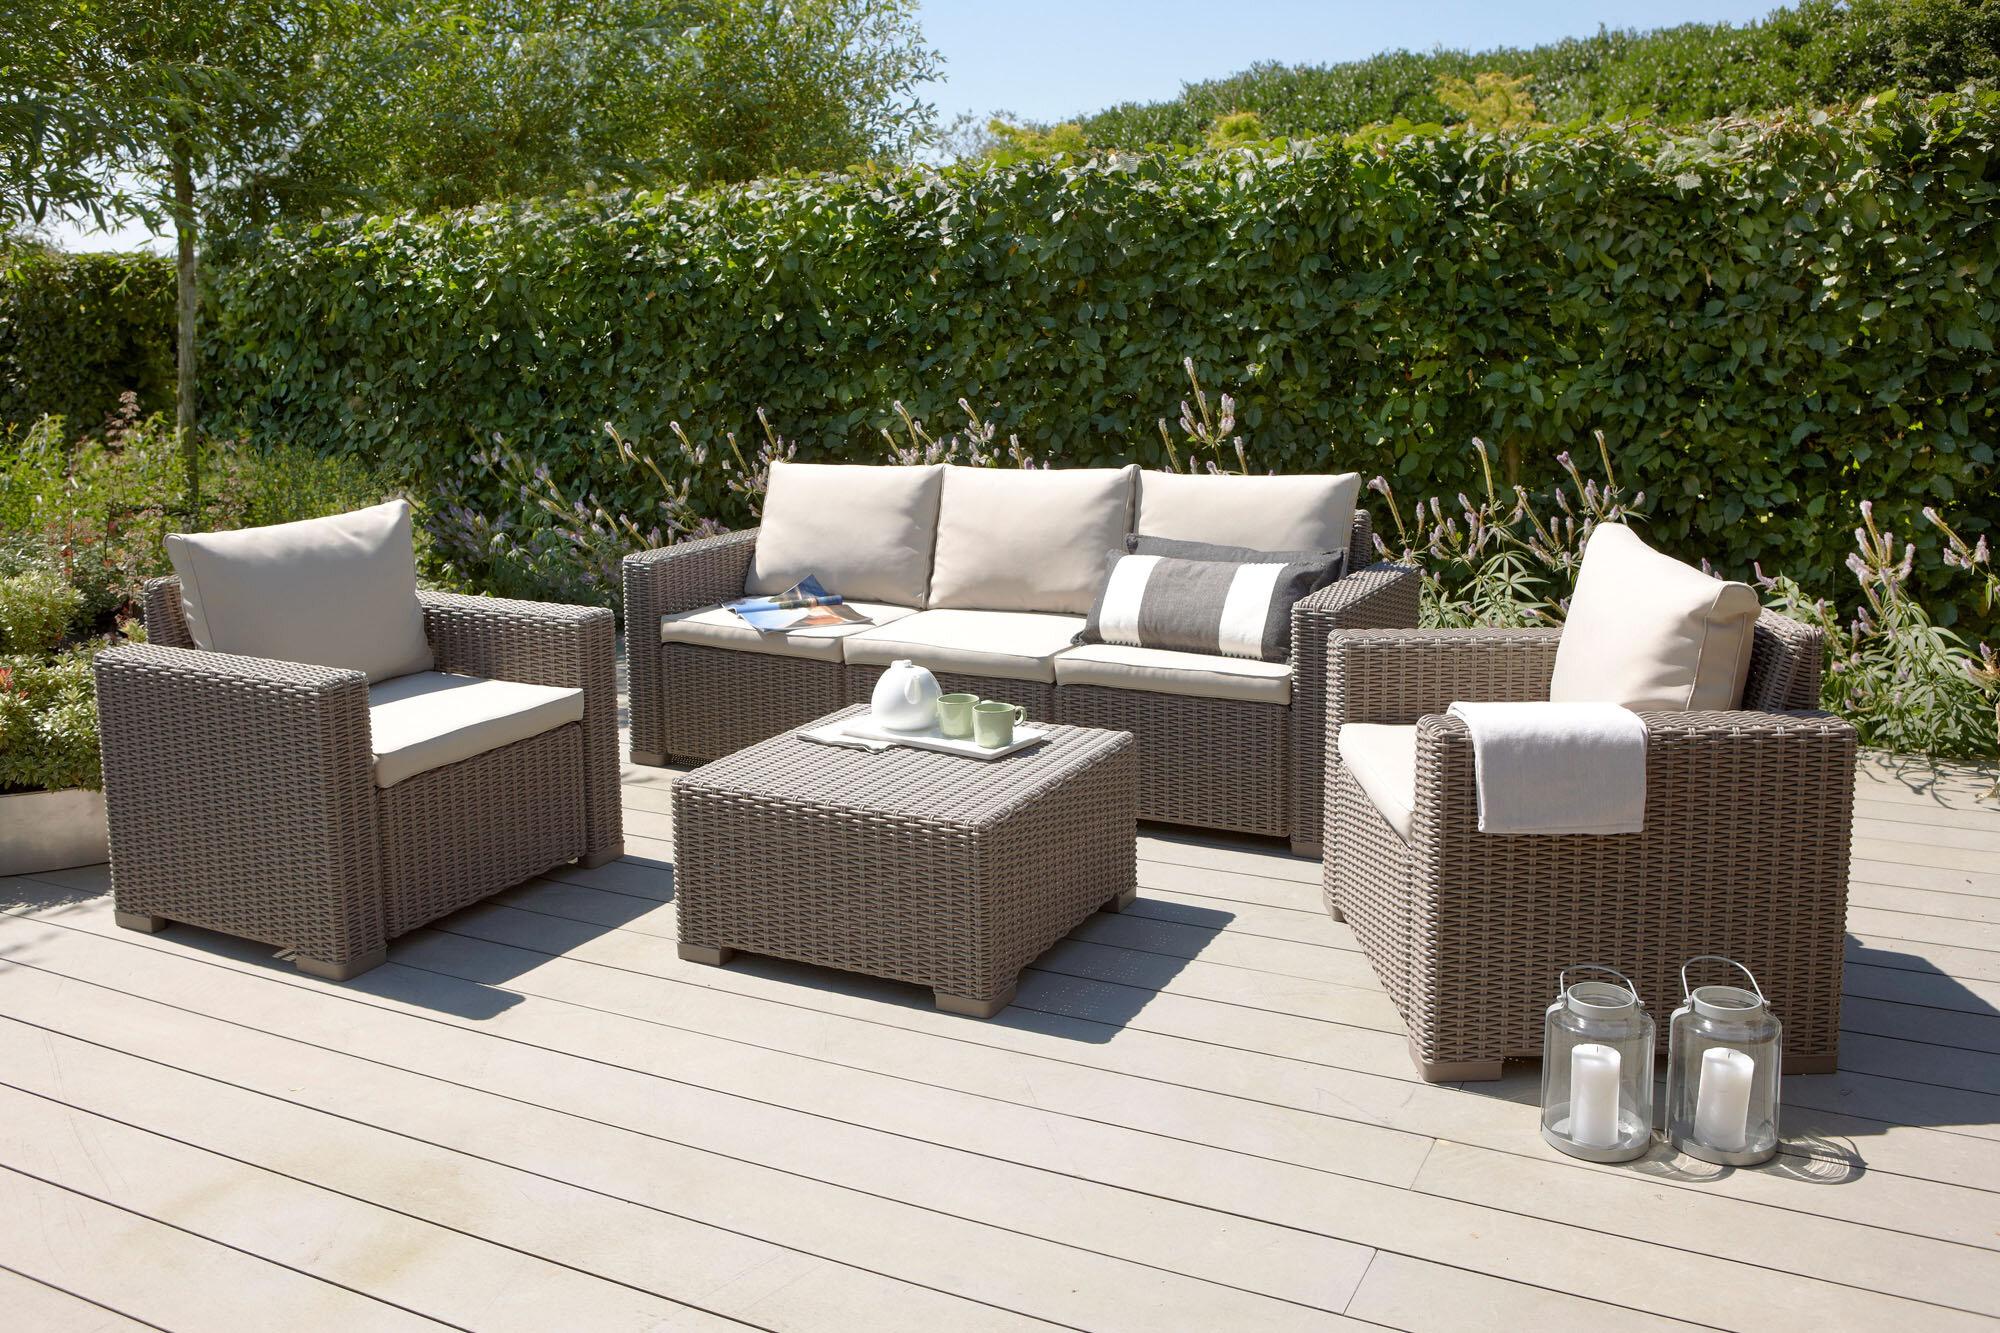 Garten Living 20 Sitzer Lounge Set Gean aus Polyrattan mit Polster ...